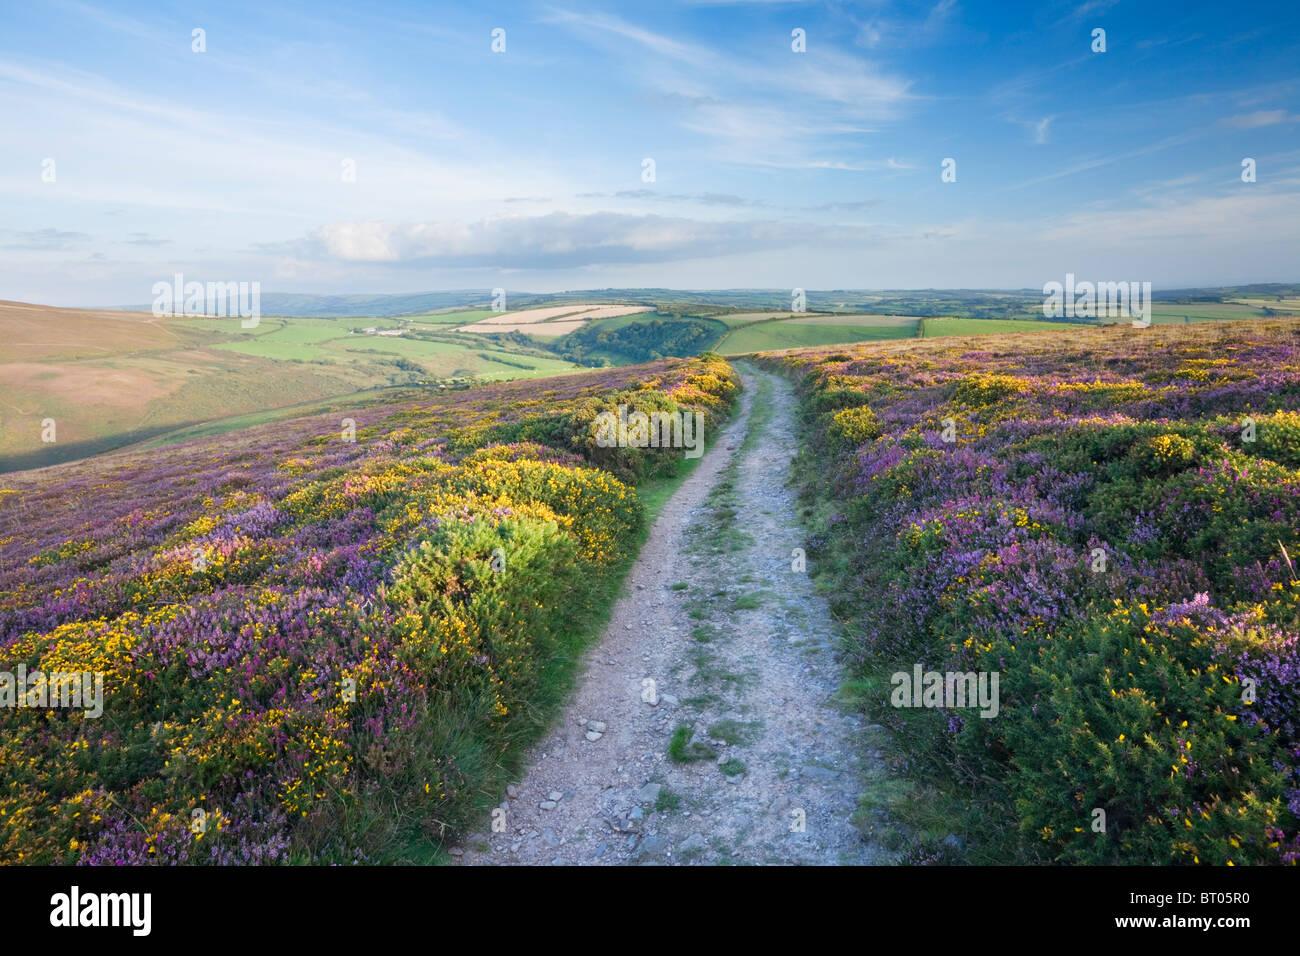 Le South West Coast Path sur grand bourreau. Parc National d'Exmoor. Devon. L'Angleterre. UK. Photo Stock